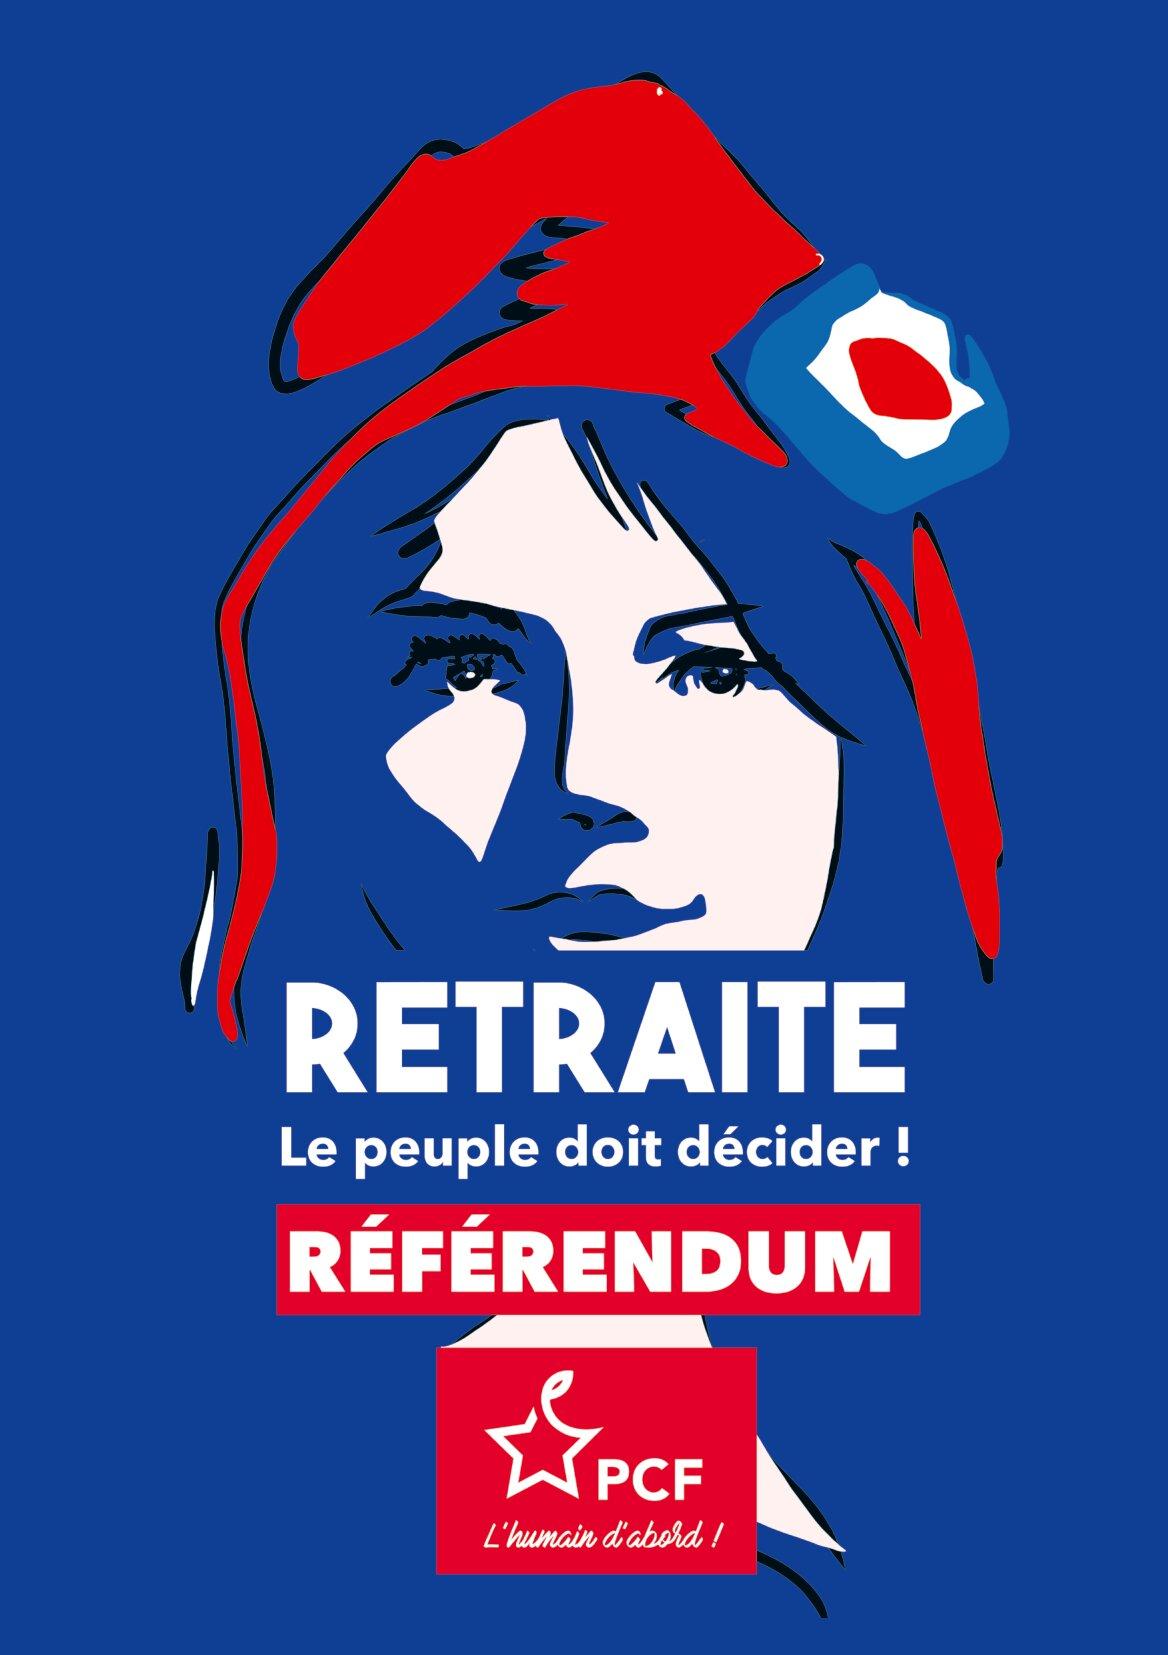 Retraites : Interpellation de votre député·e pour exiger l'organisation d'un référendum, modèle de lettre, adresse mail….